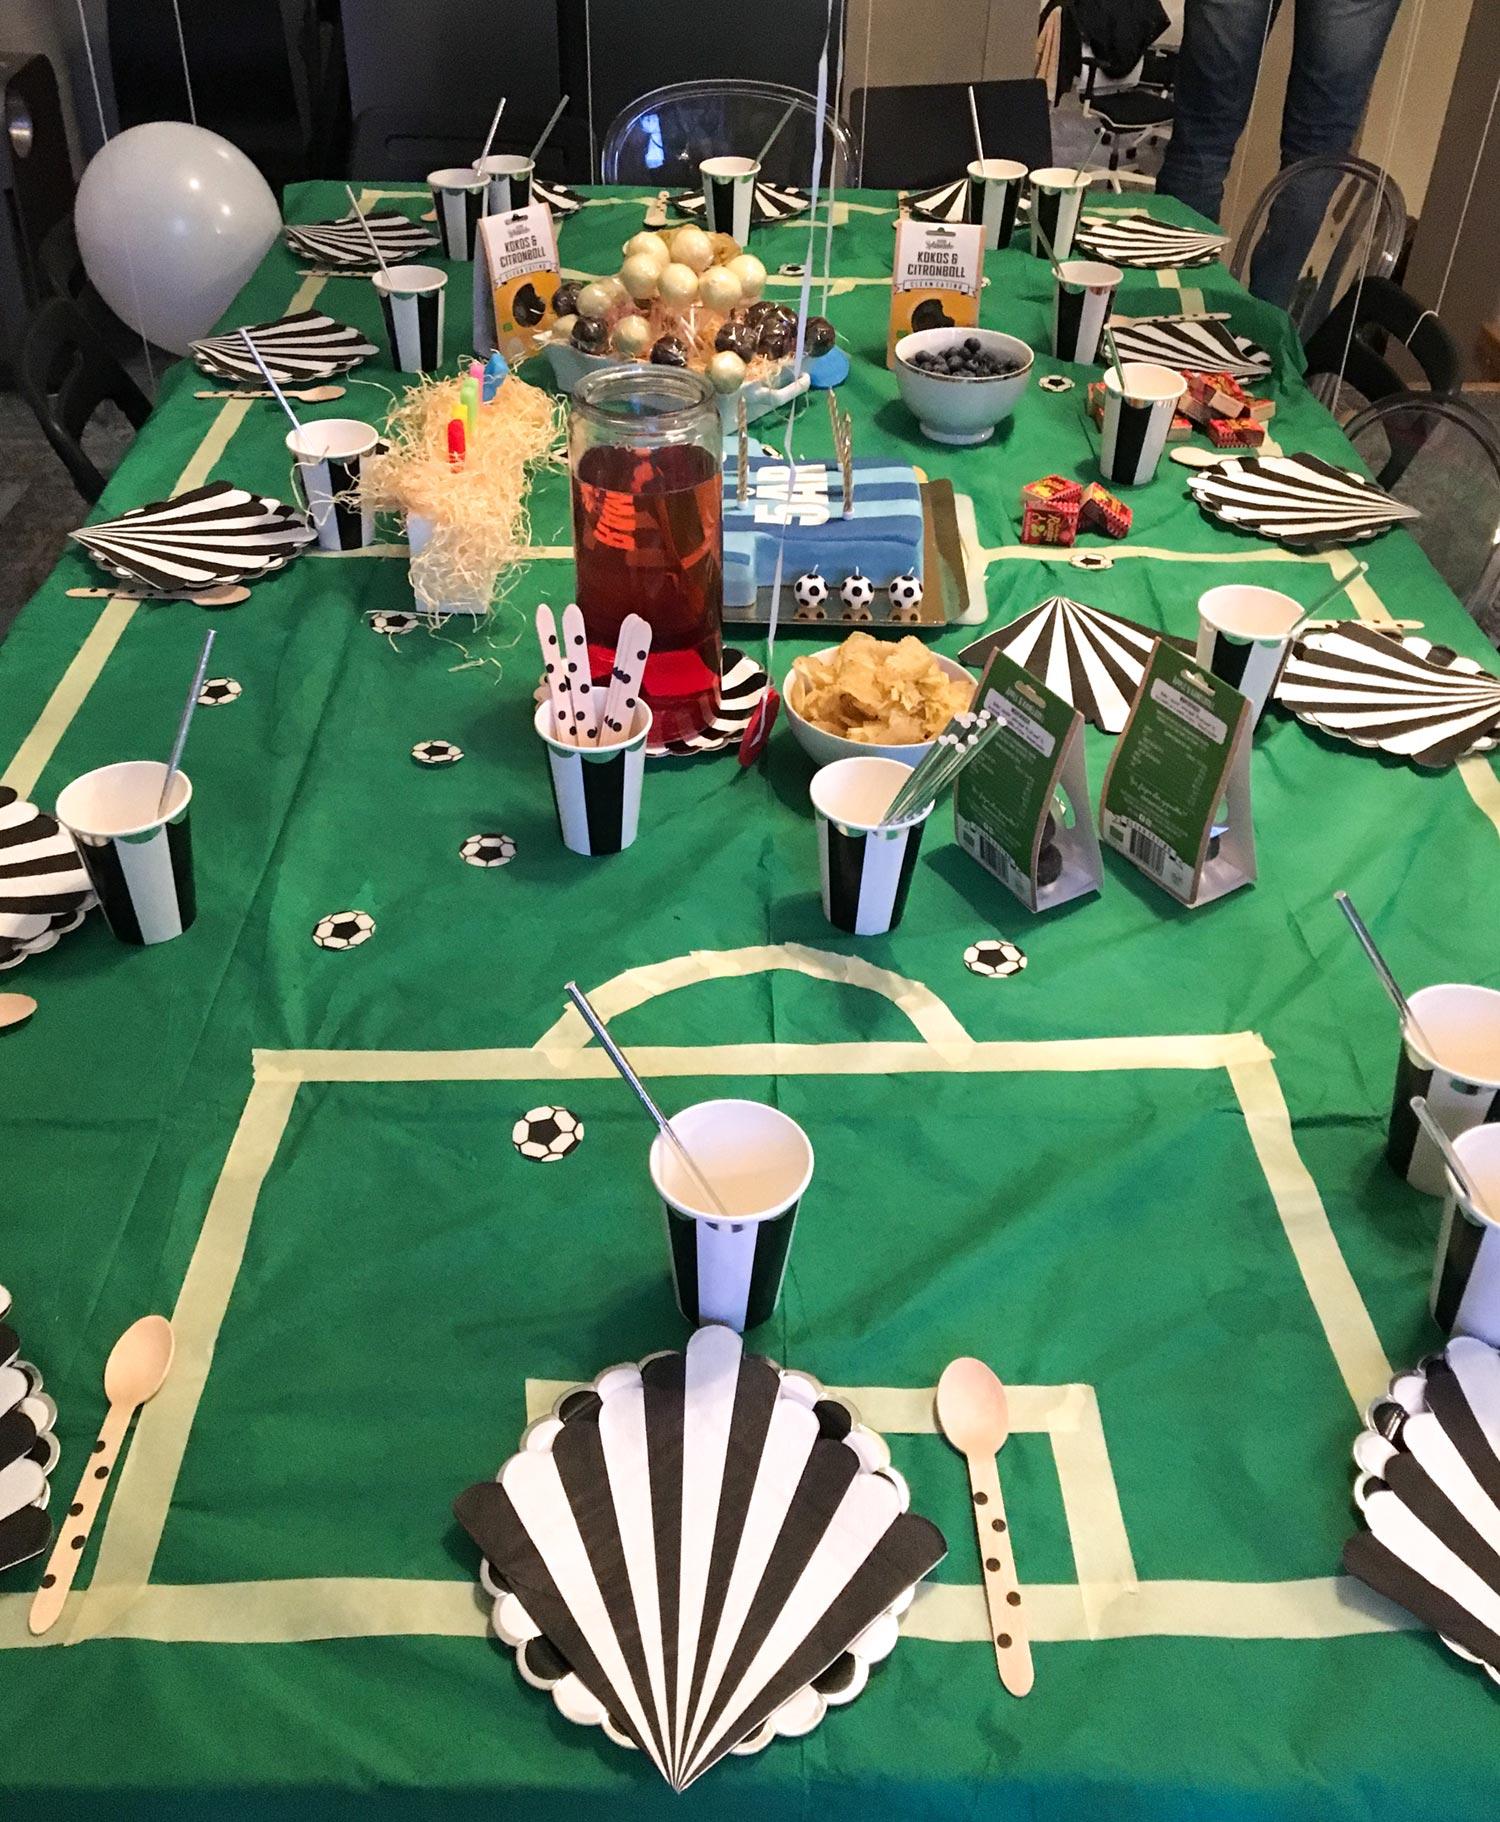 Kalasbordet var dekorerat med en grön duk som vi med vit tejp ritat upp en fotbollsplan på.